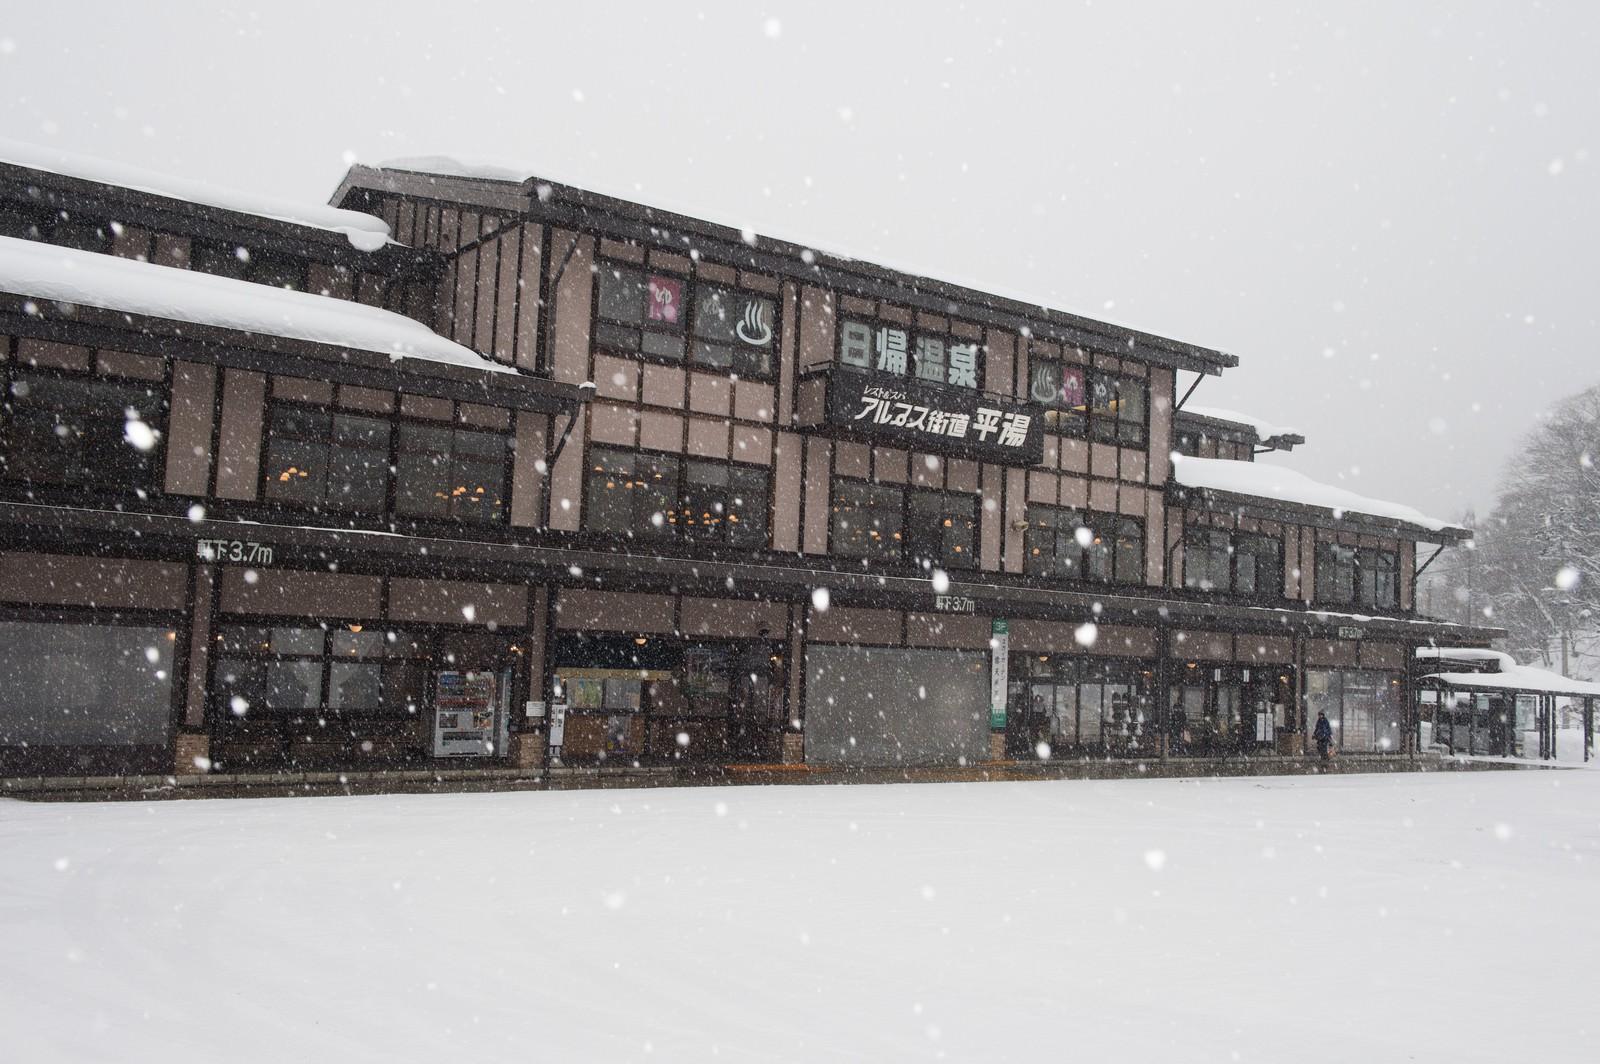 「雪が降り積もる平湯バスターミナル雪が降り積もる平湯バスターミナル」のフリー写真素材を拡大